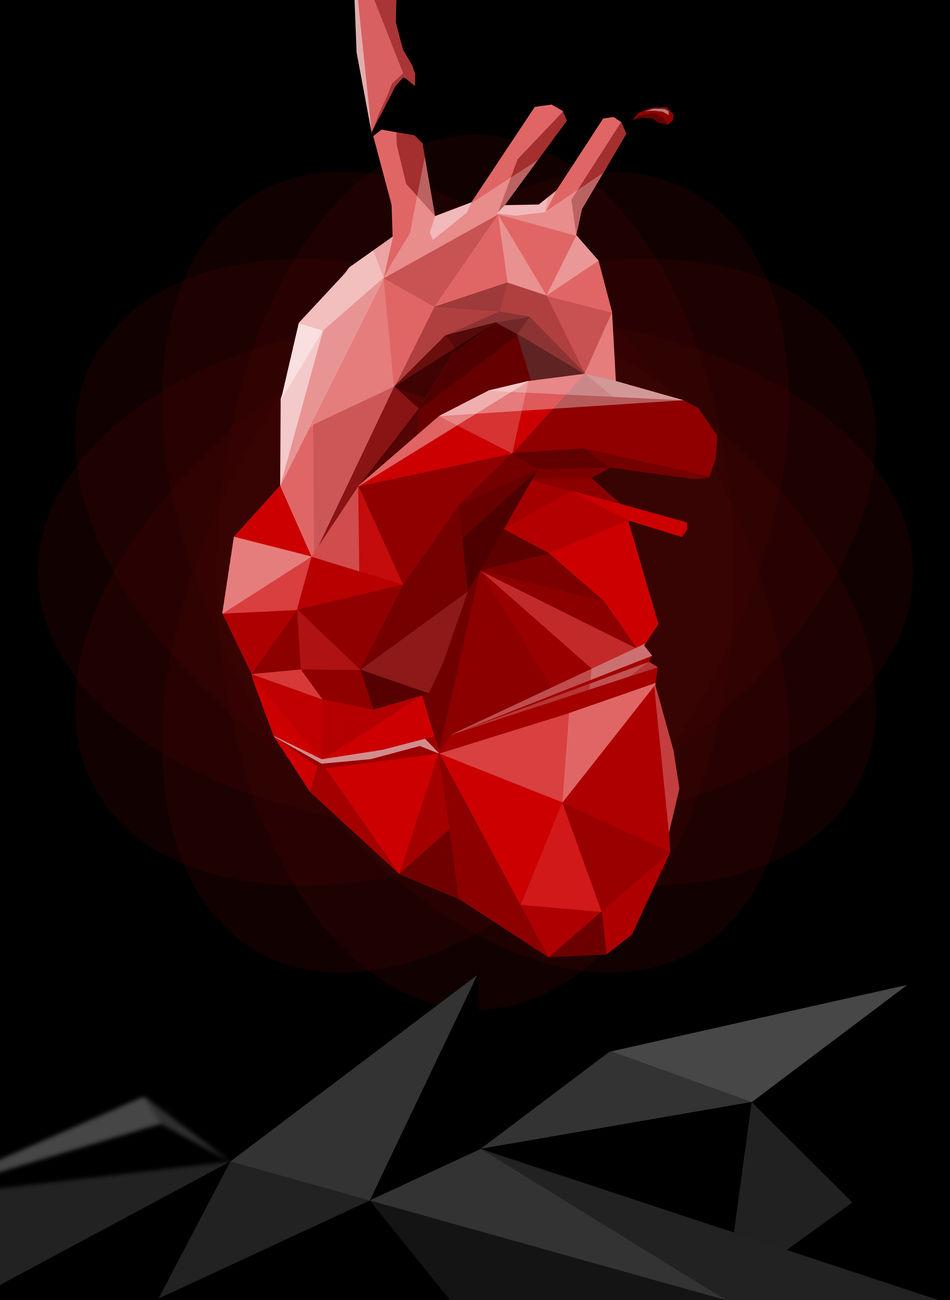 heart Heart Heart Attack Heartbeat Heartbeat Moments Illustartion Illustrated Heart Love Organic Heart